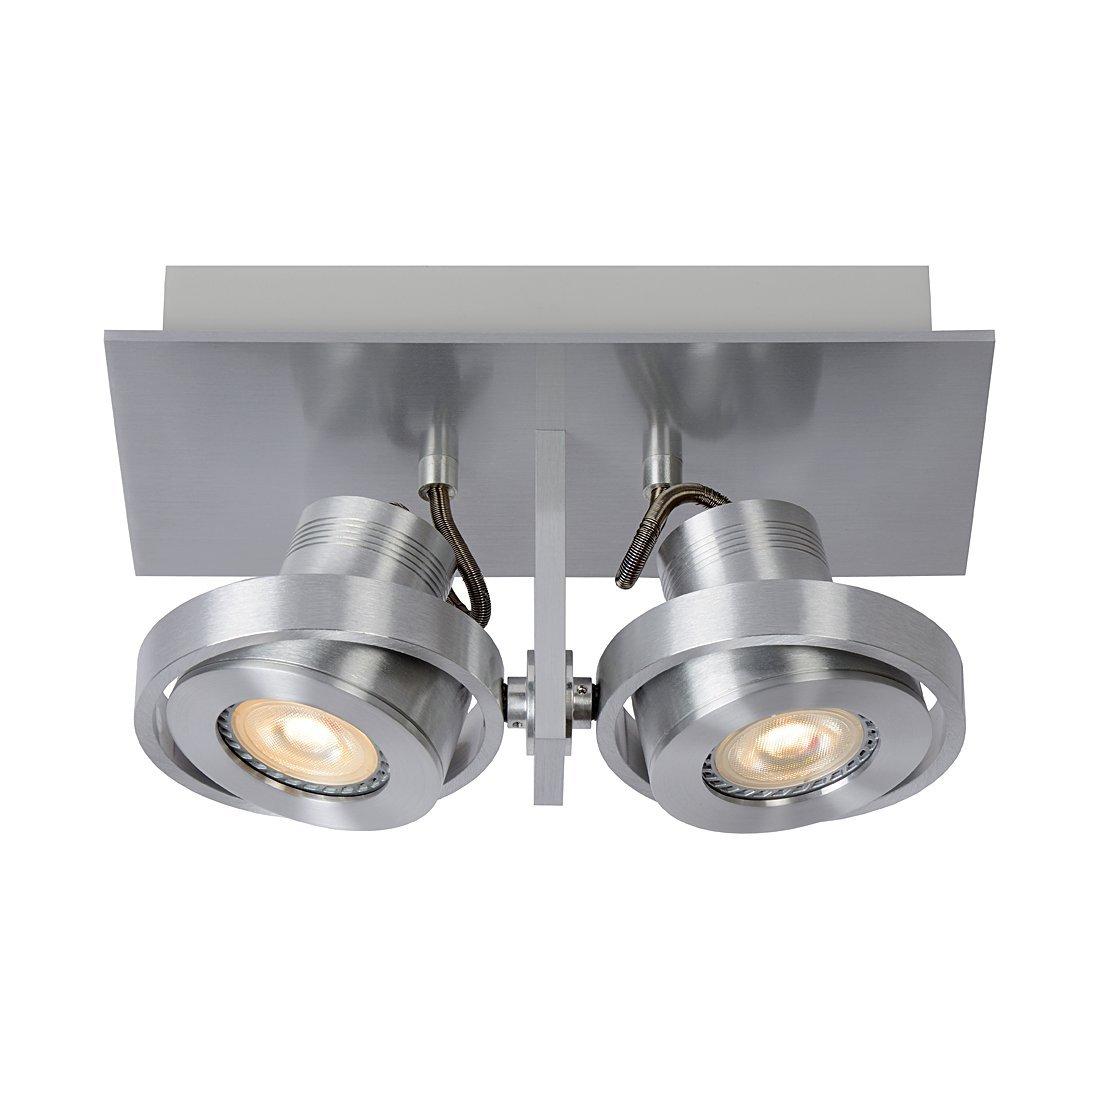 Zuiver 5500610 Luci-2 LED, Stahl, minium